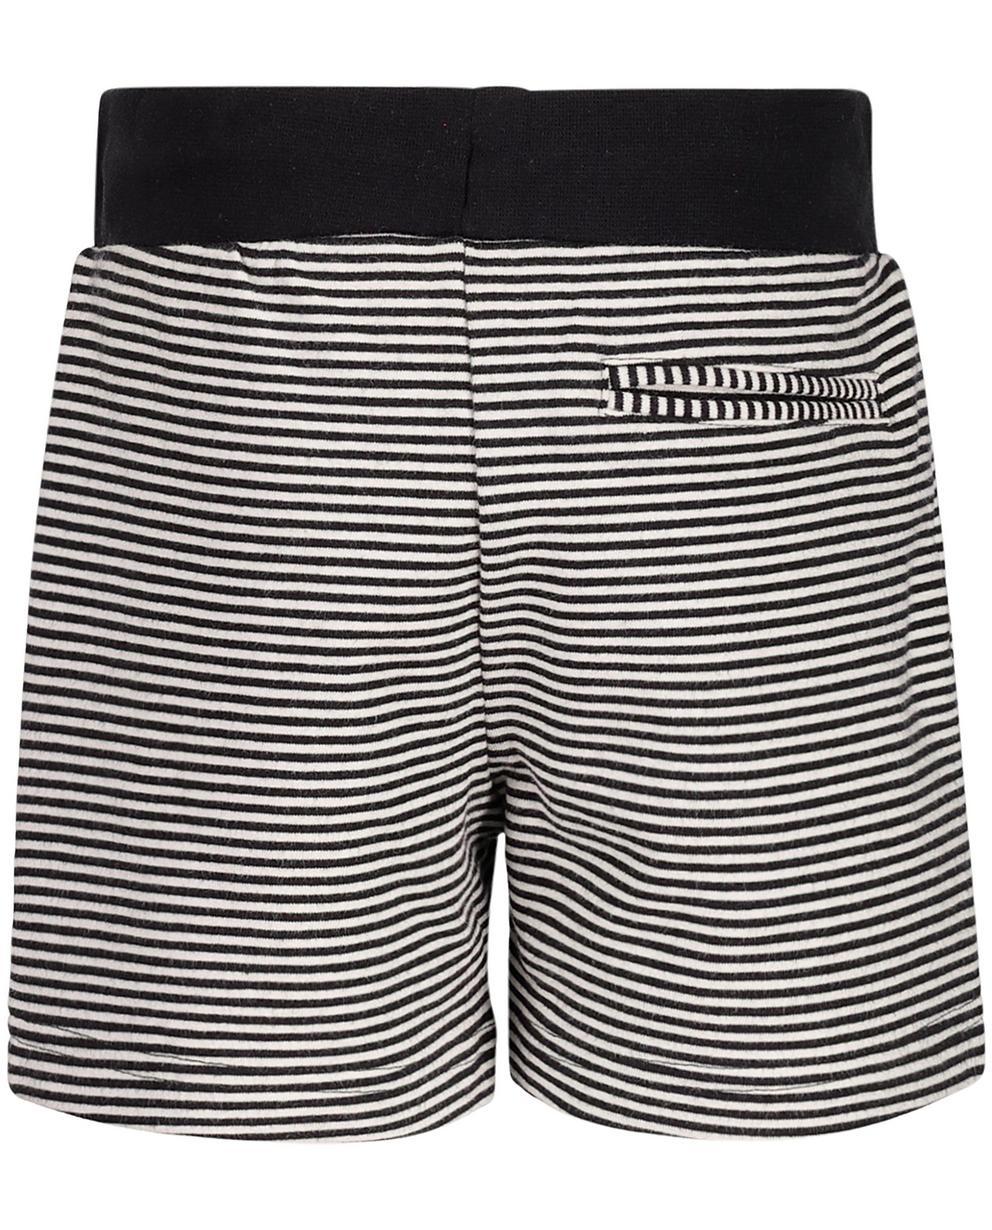 Shorts - assortment - Short rayé 2e06c9e67f7